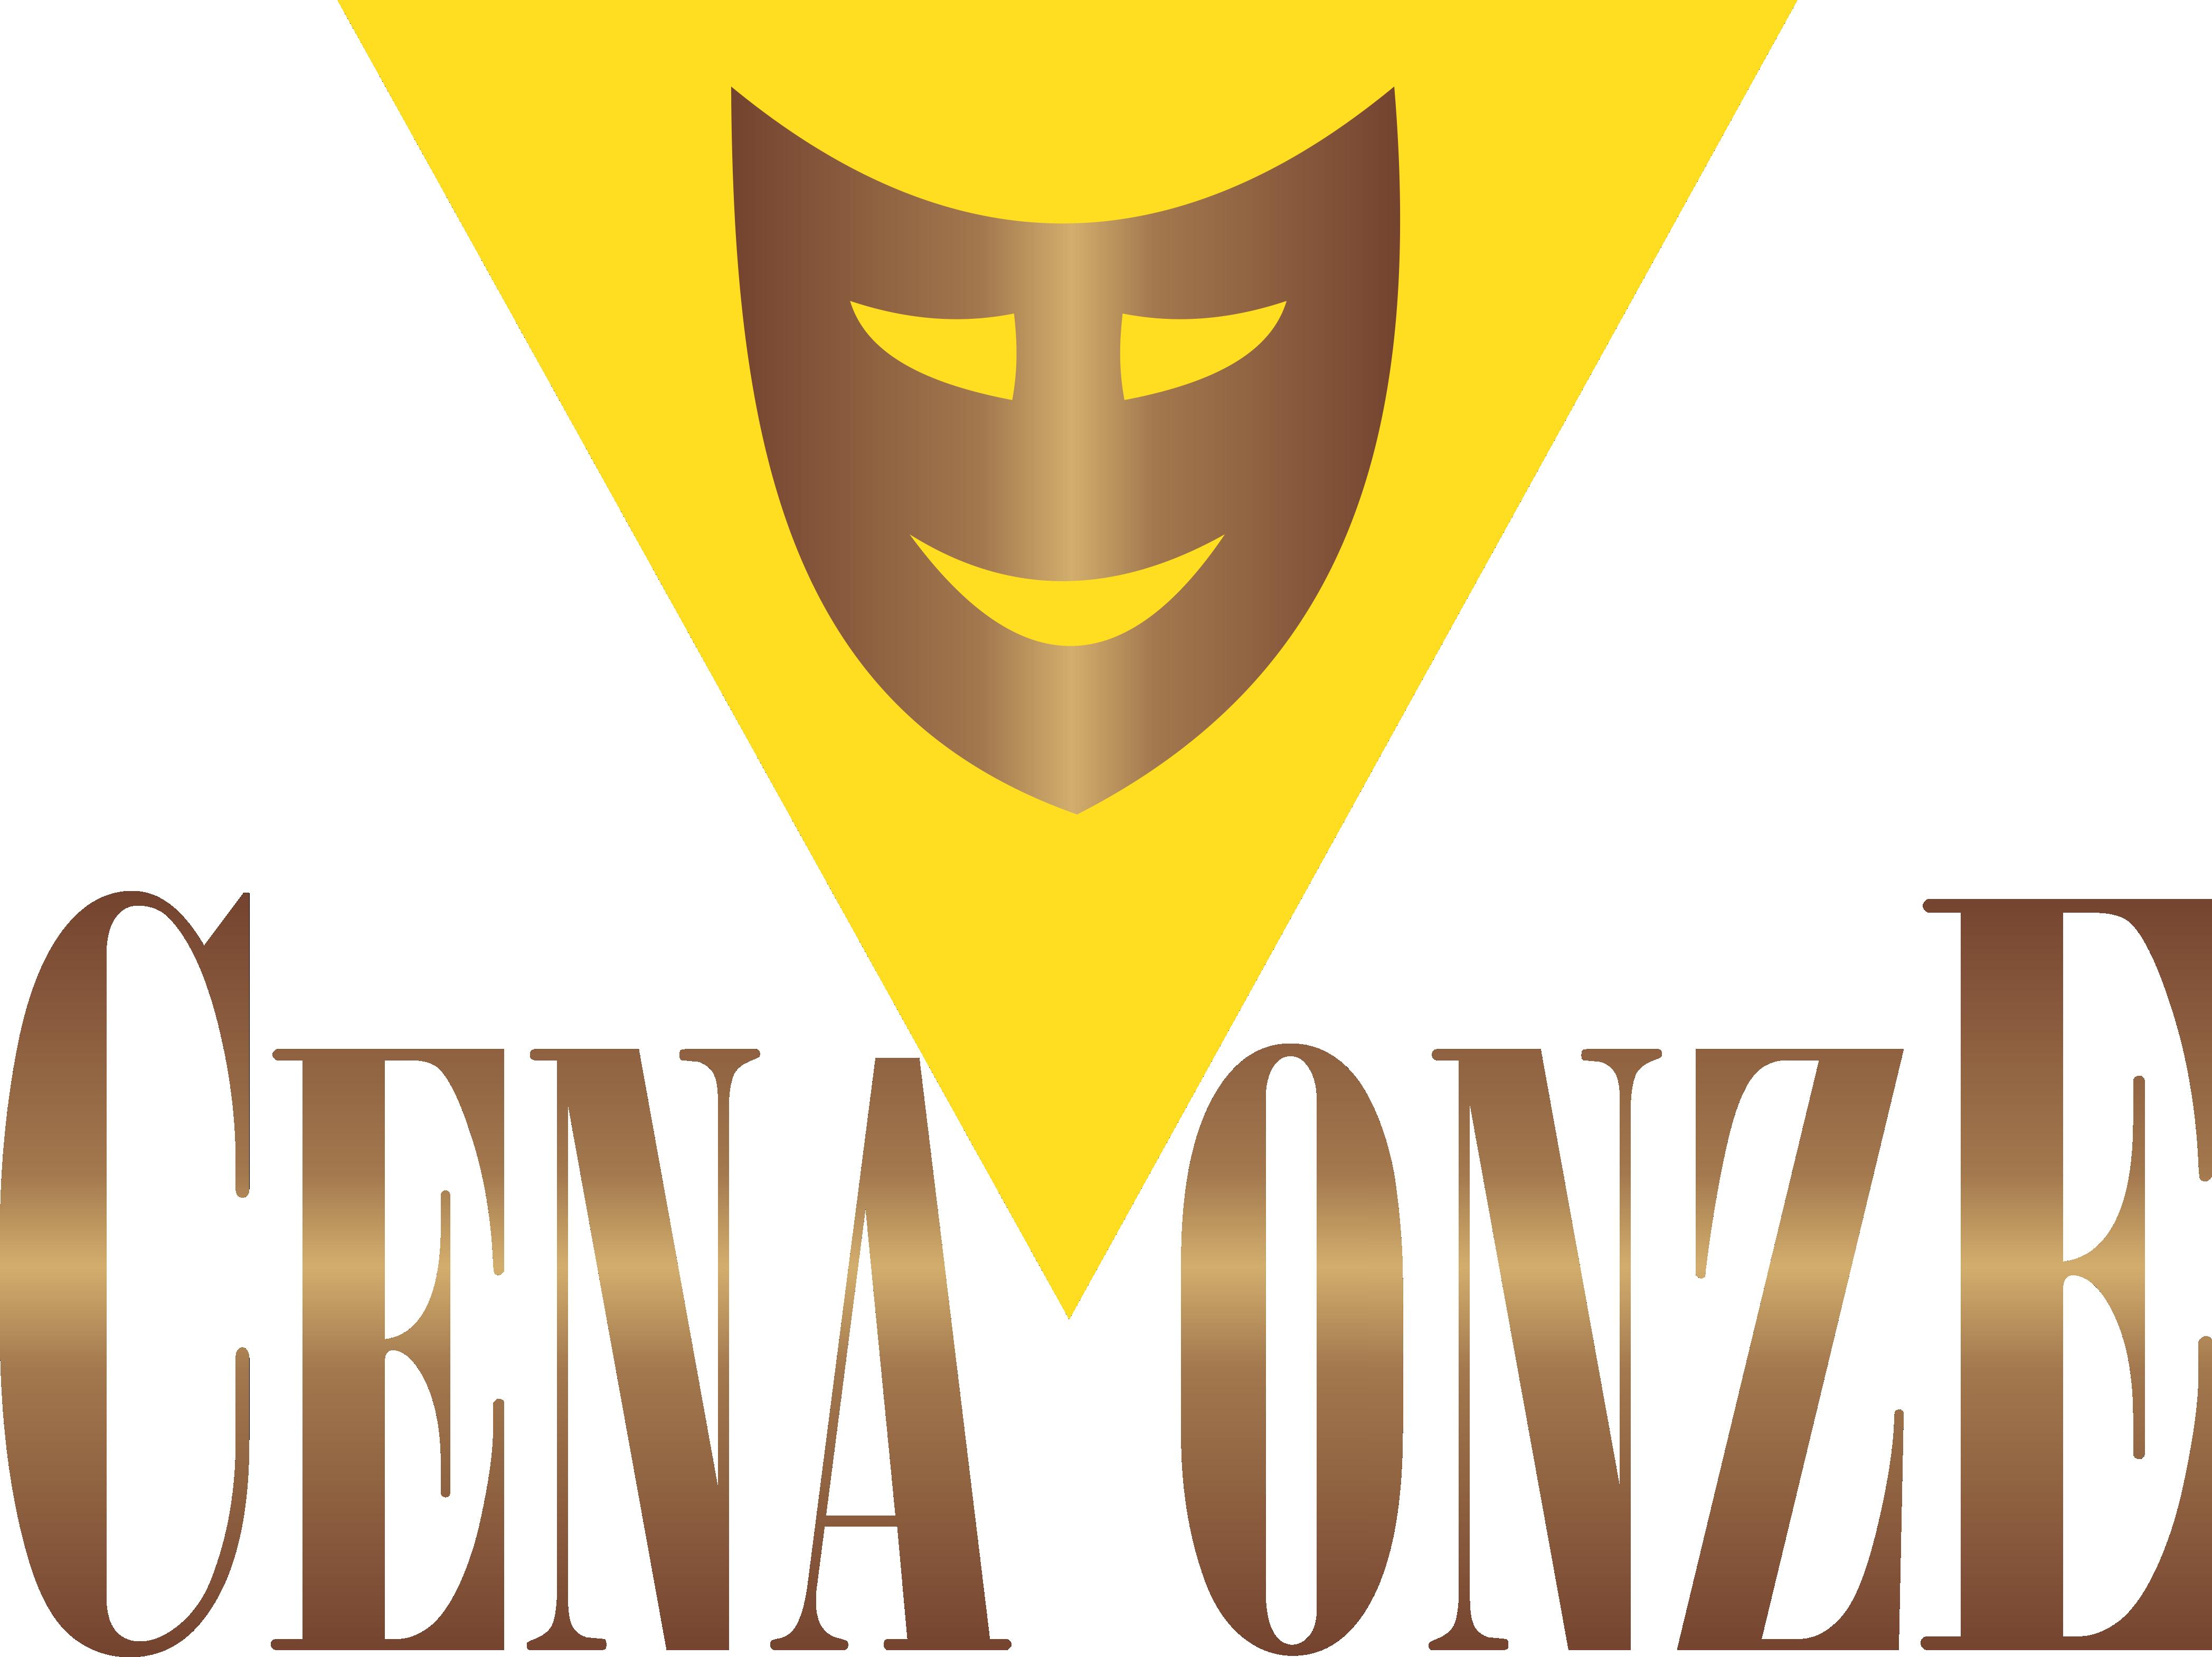 Cena Onze